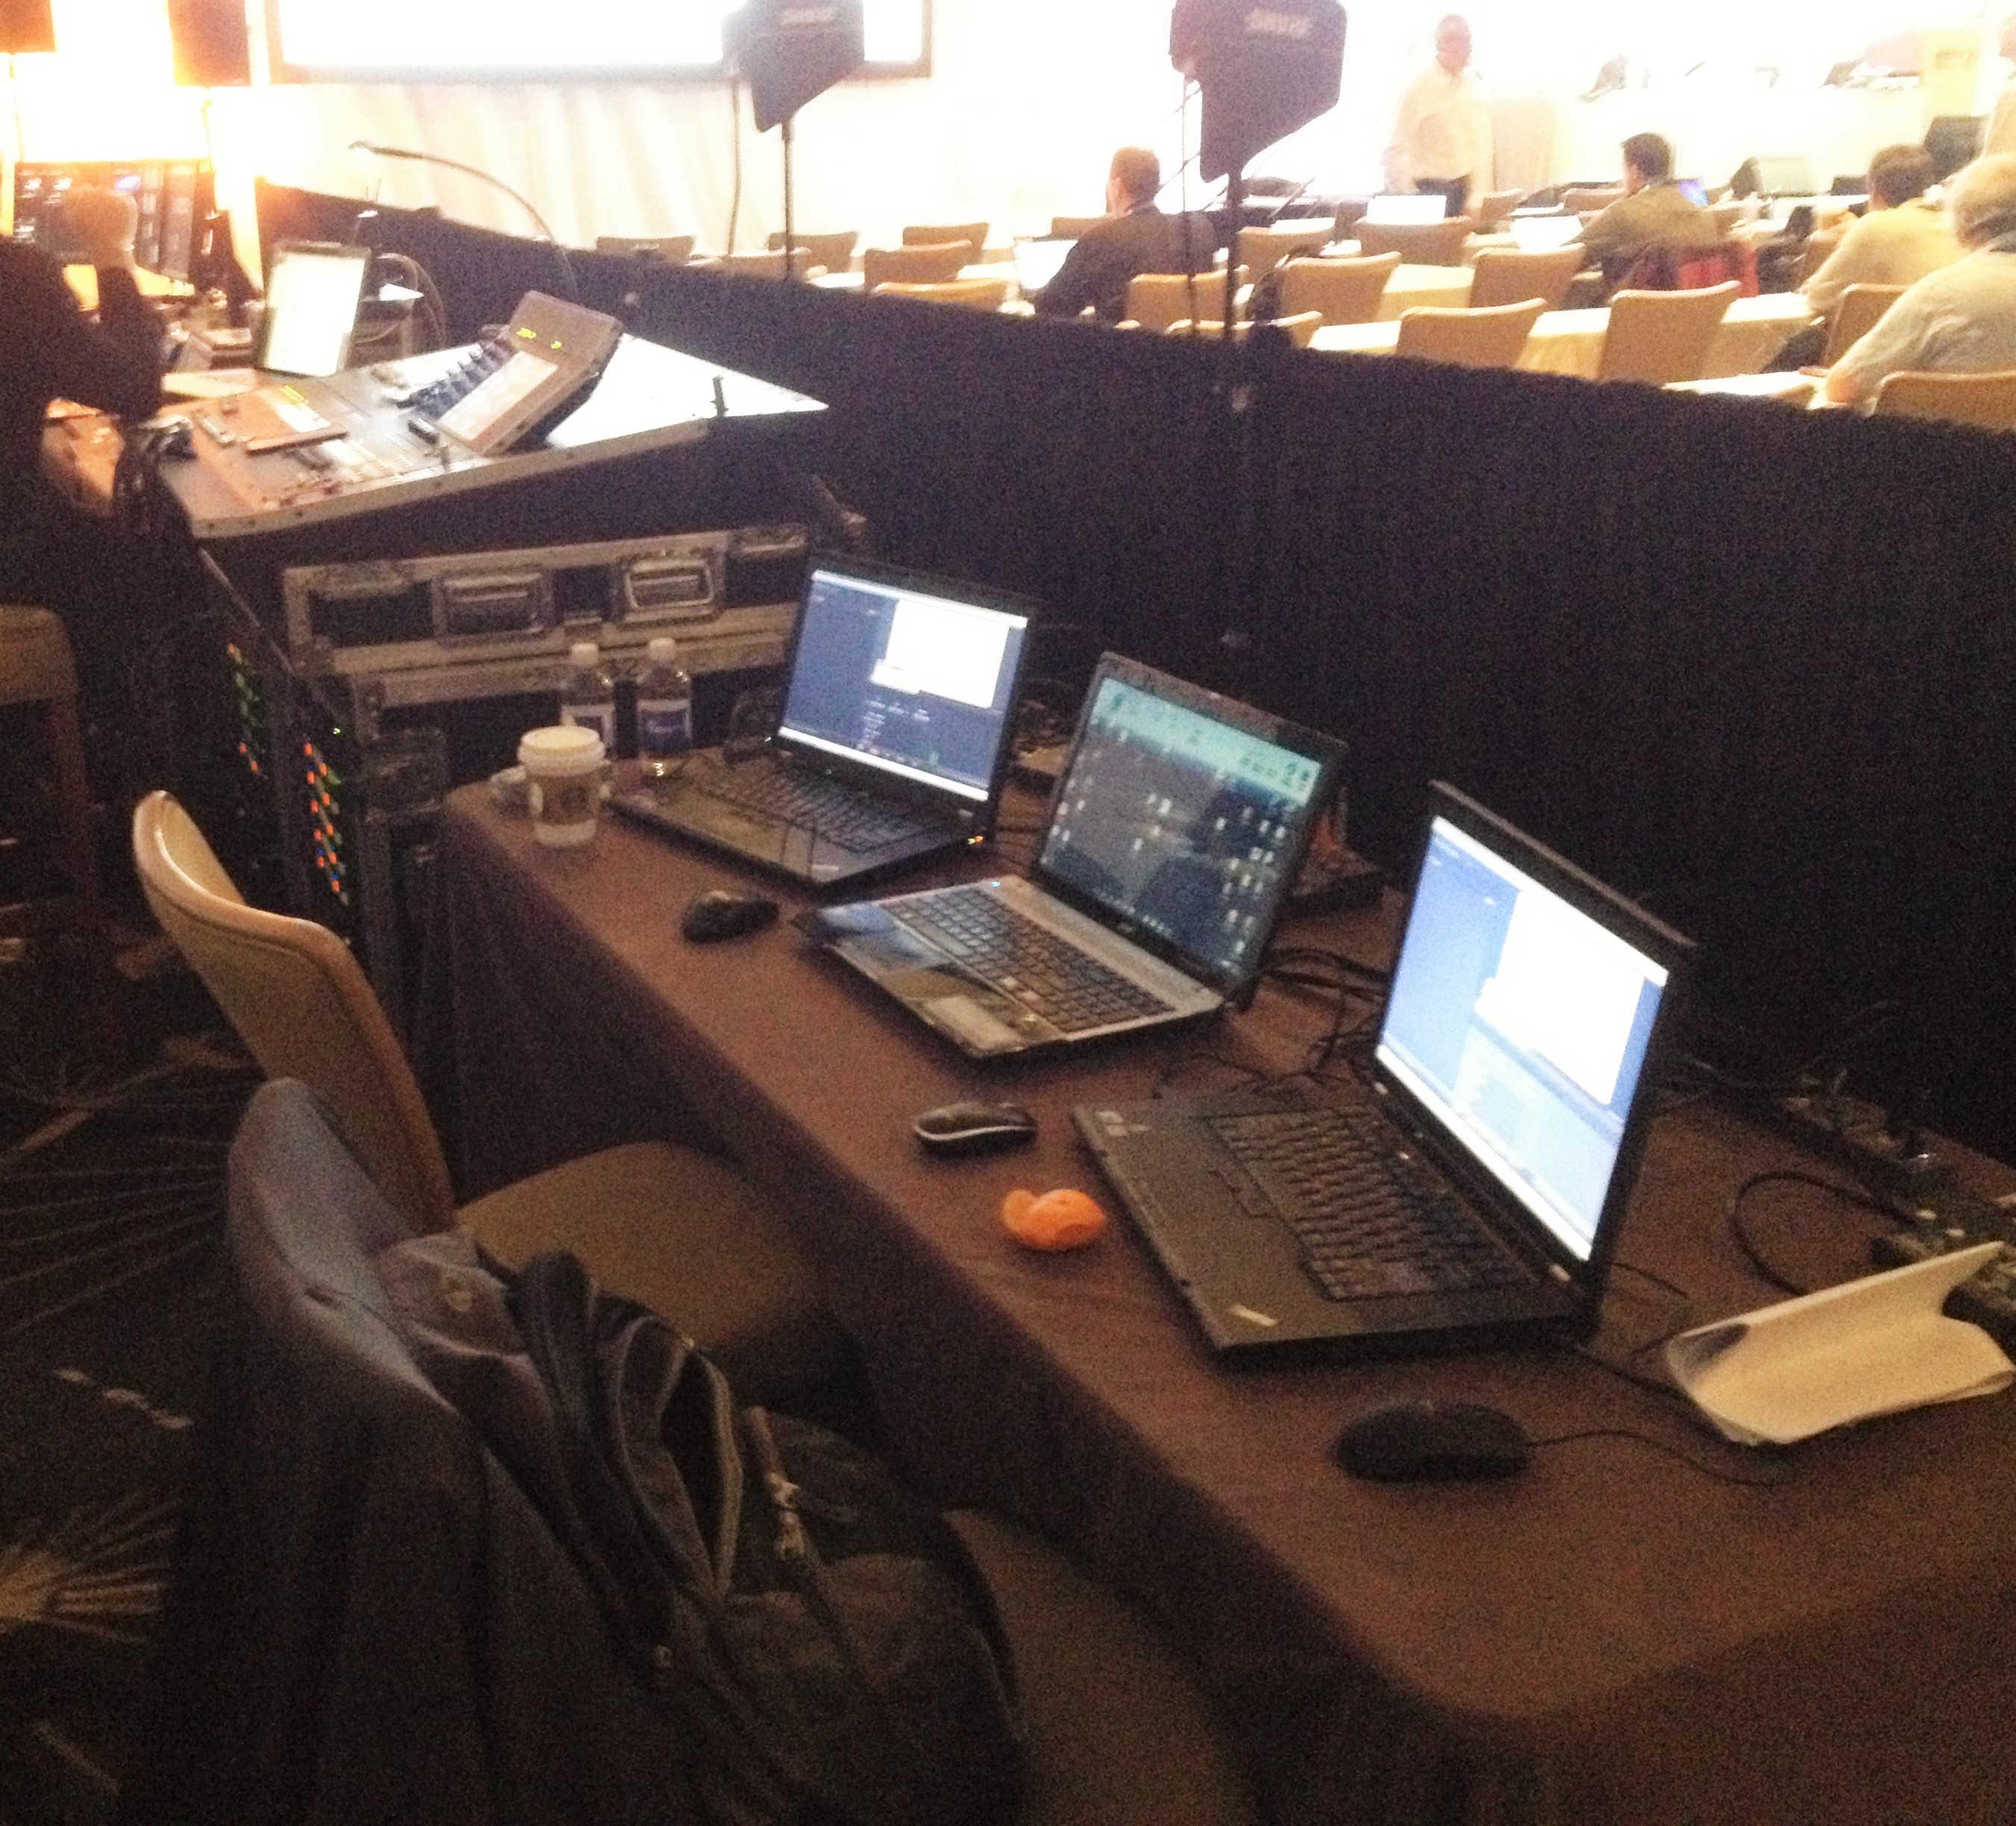 AV setup